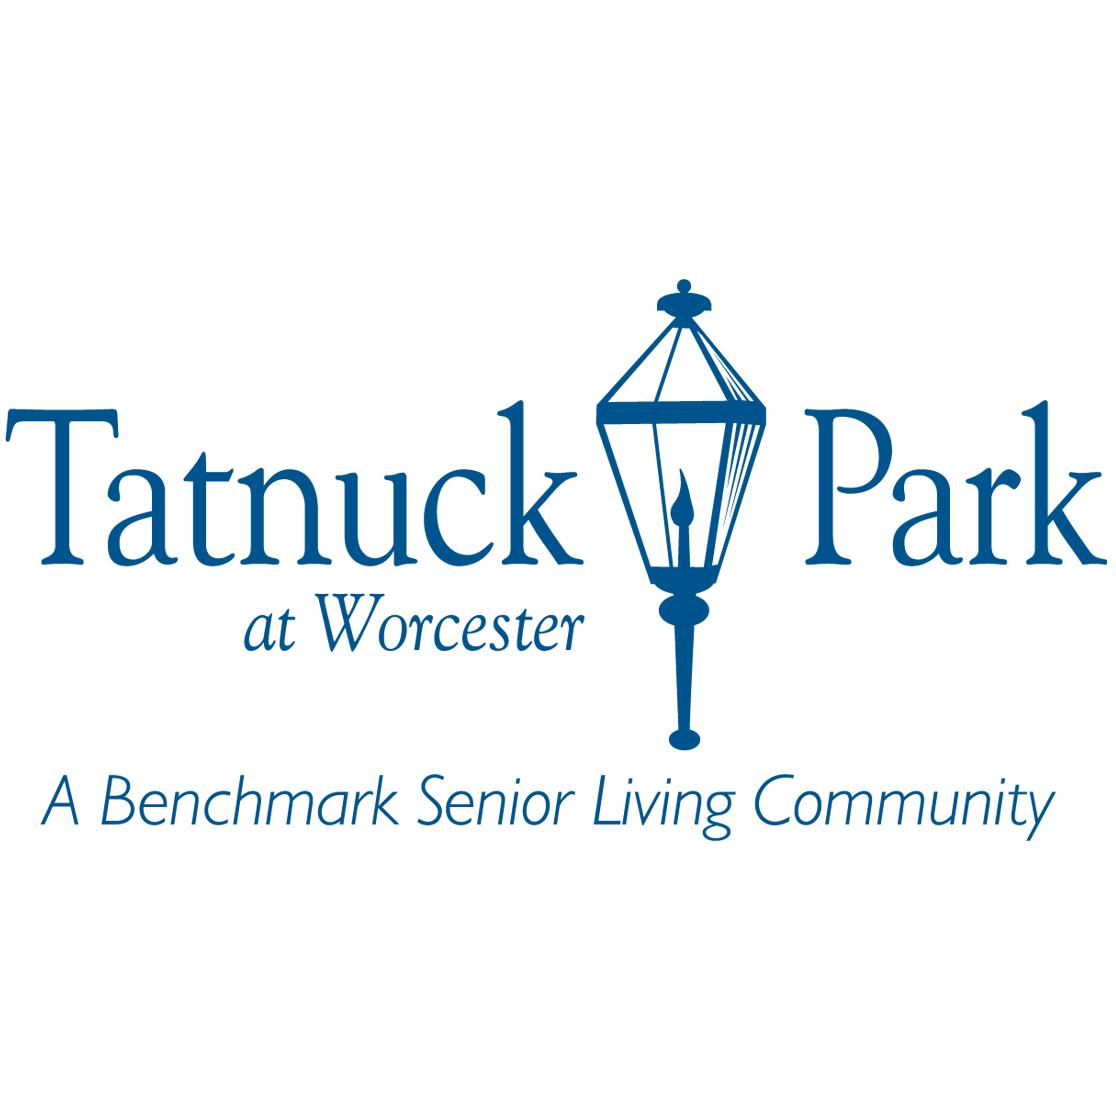 Tatnuck Park at Worcester image 5